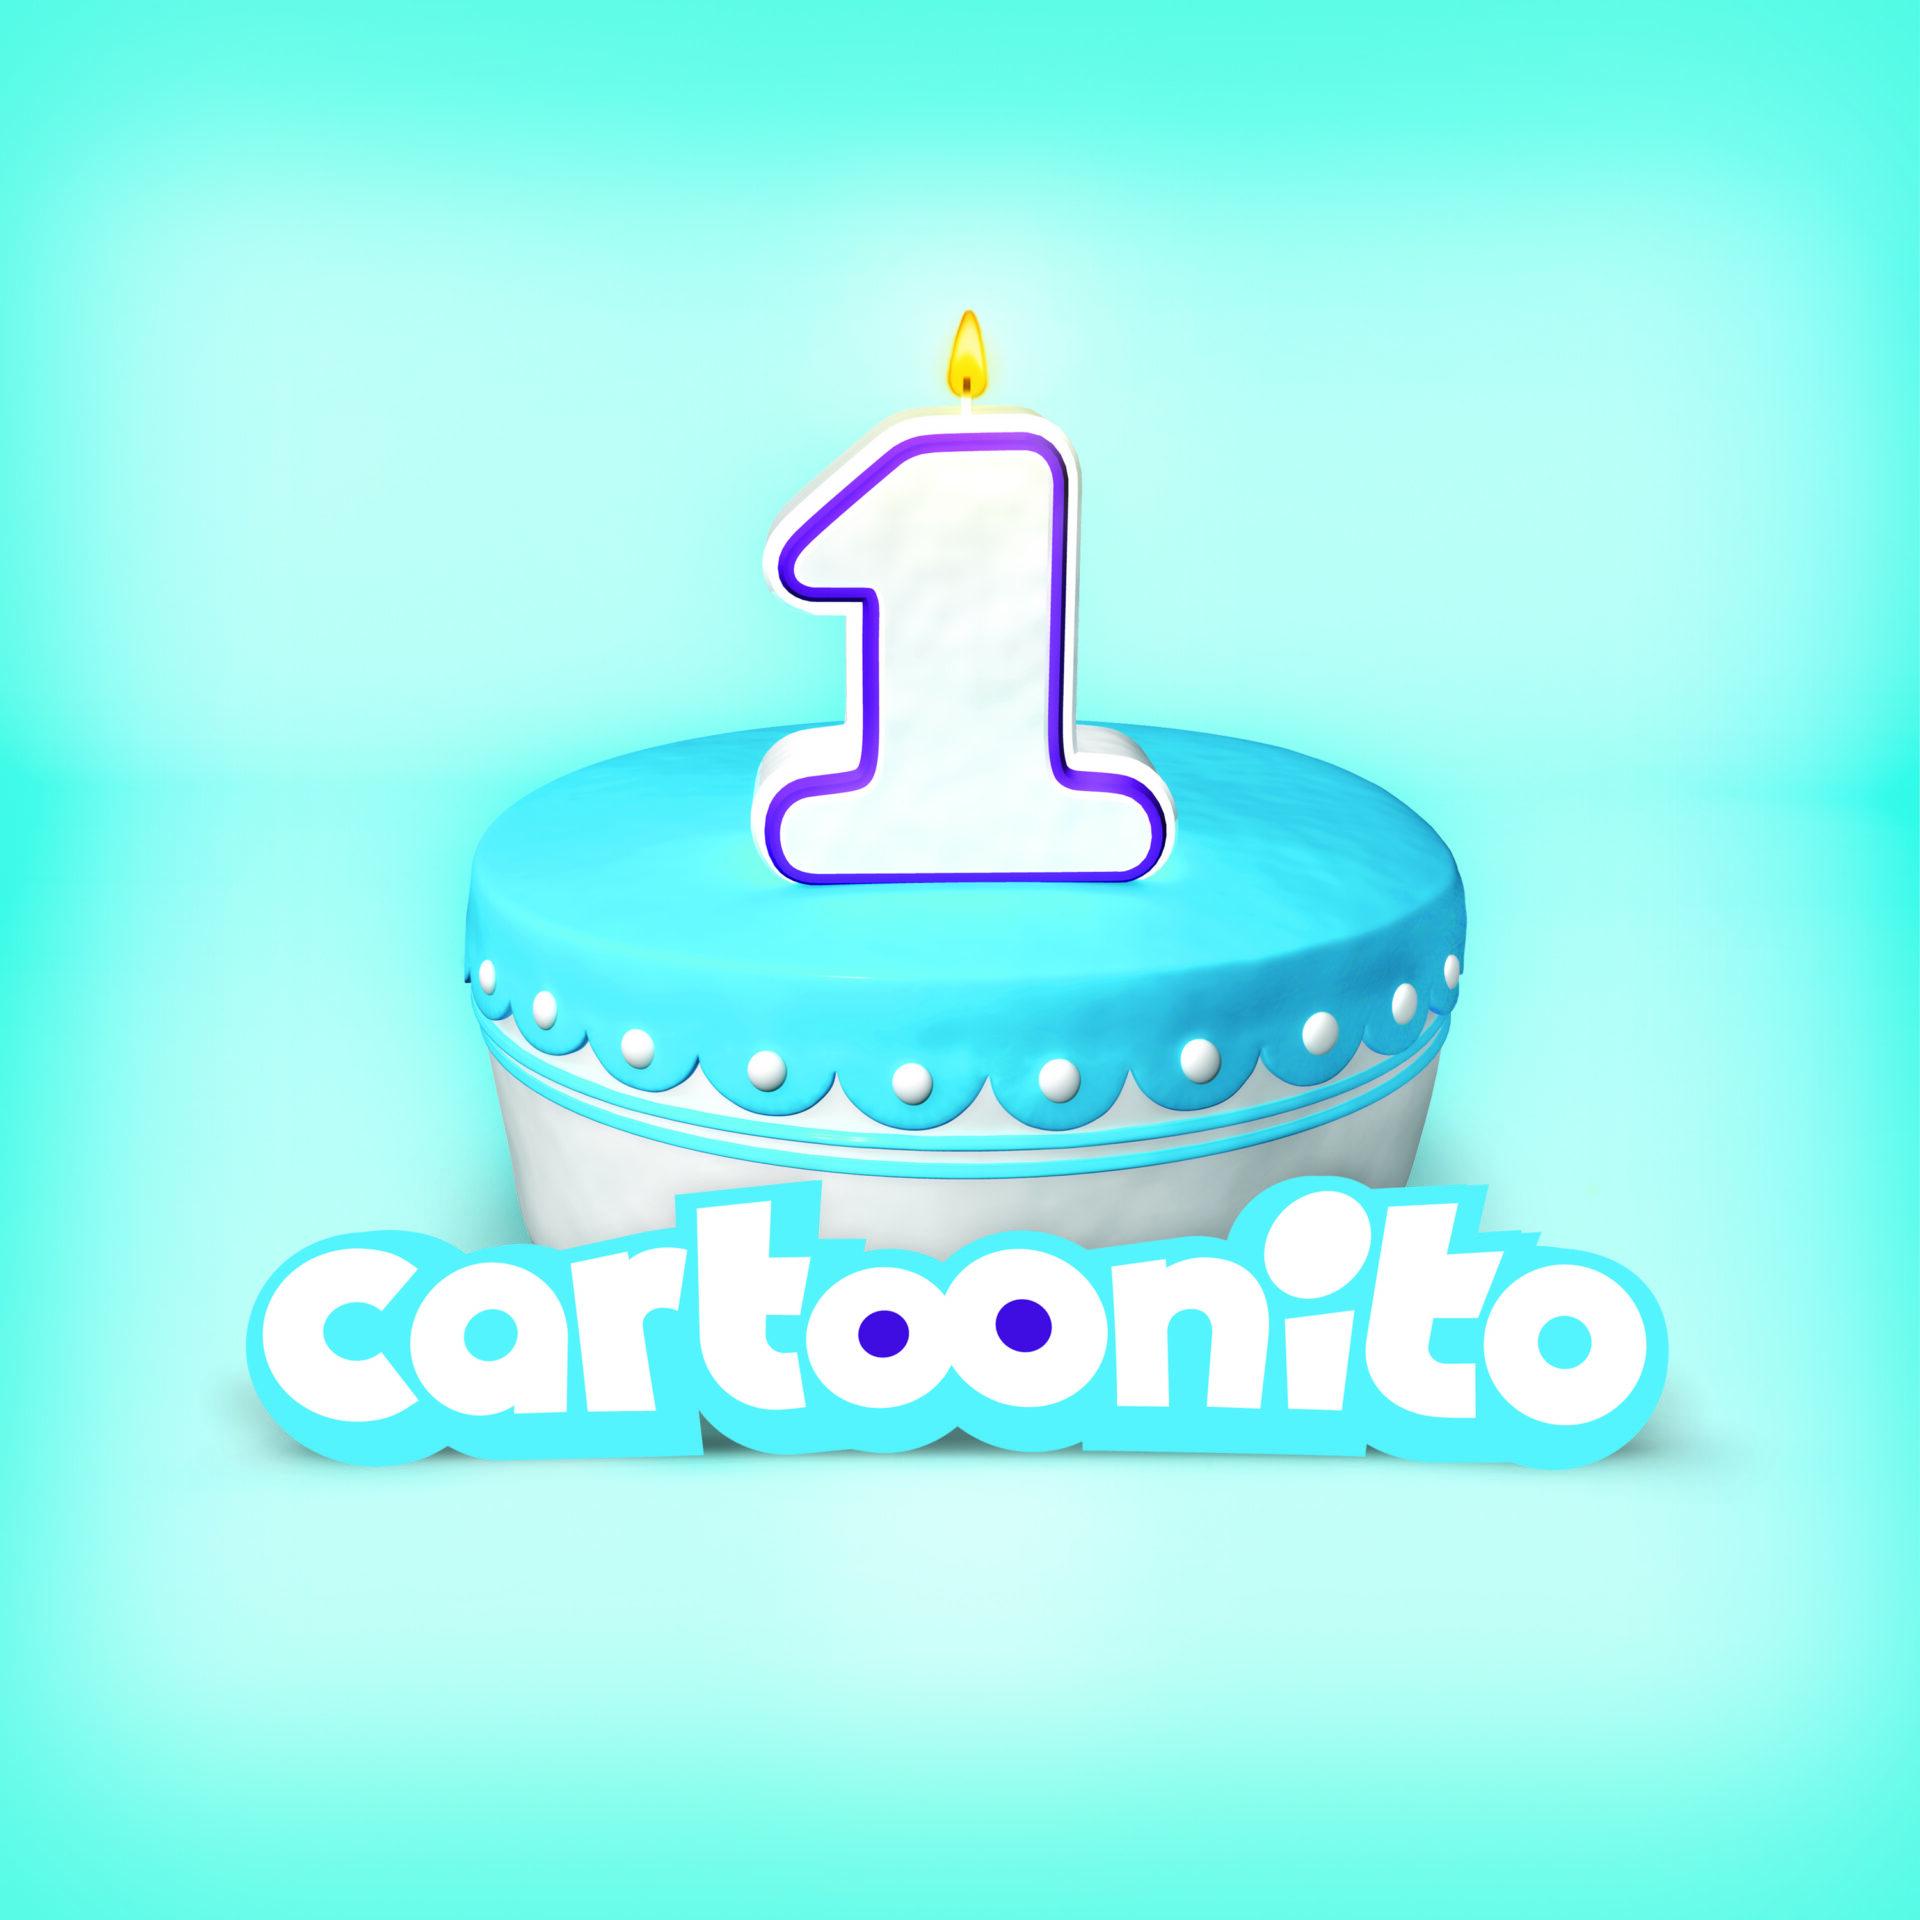 Cartoonito, il canale prescolare compie un anno: 22/08, programmazione dedicata | Digitale terrestre: Dtti.it